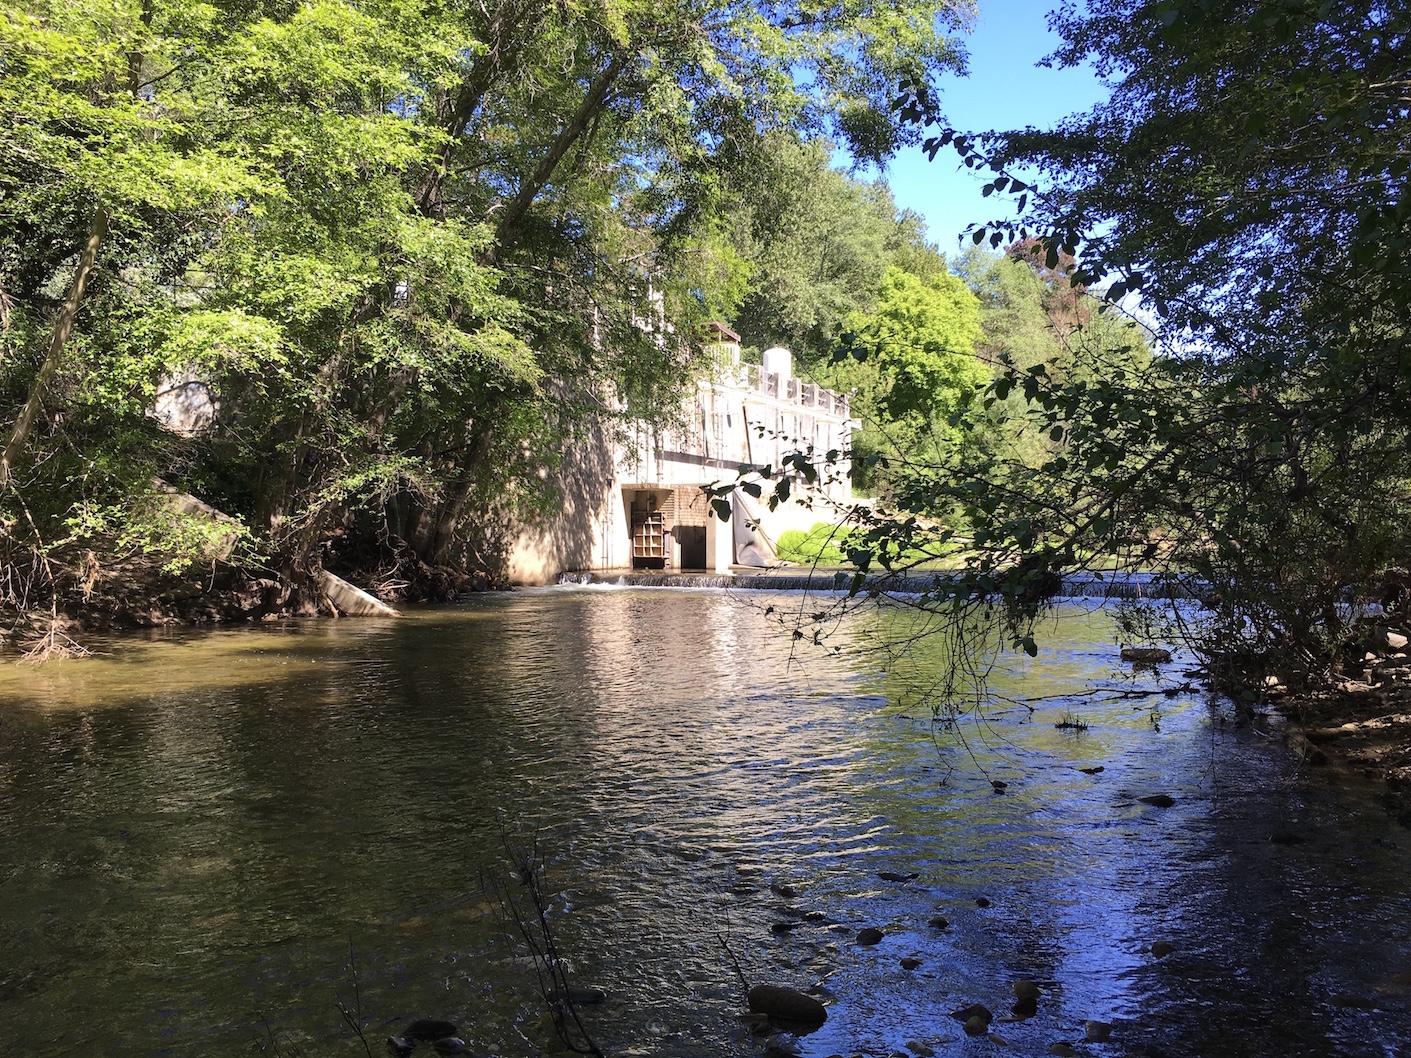 San Lorenzo River inflatible diversion dam